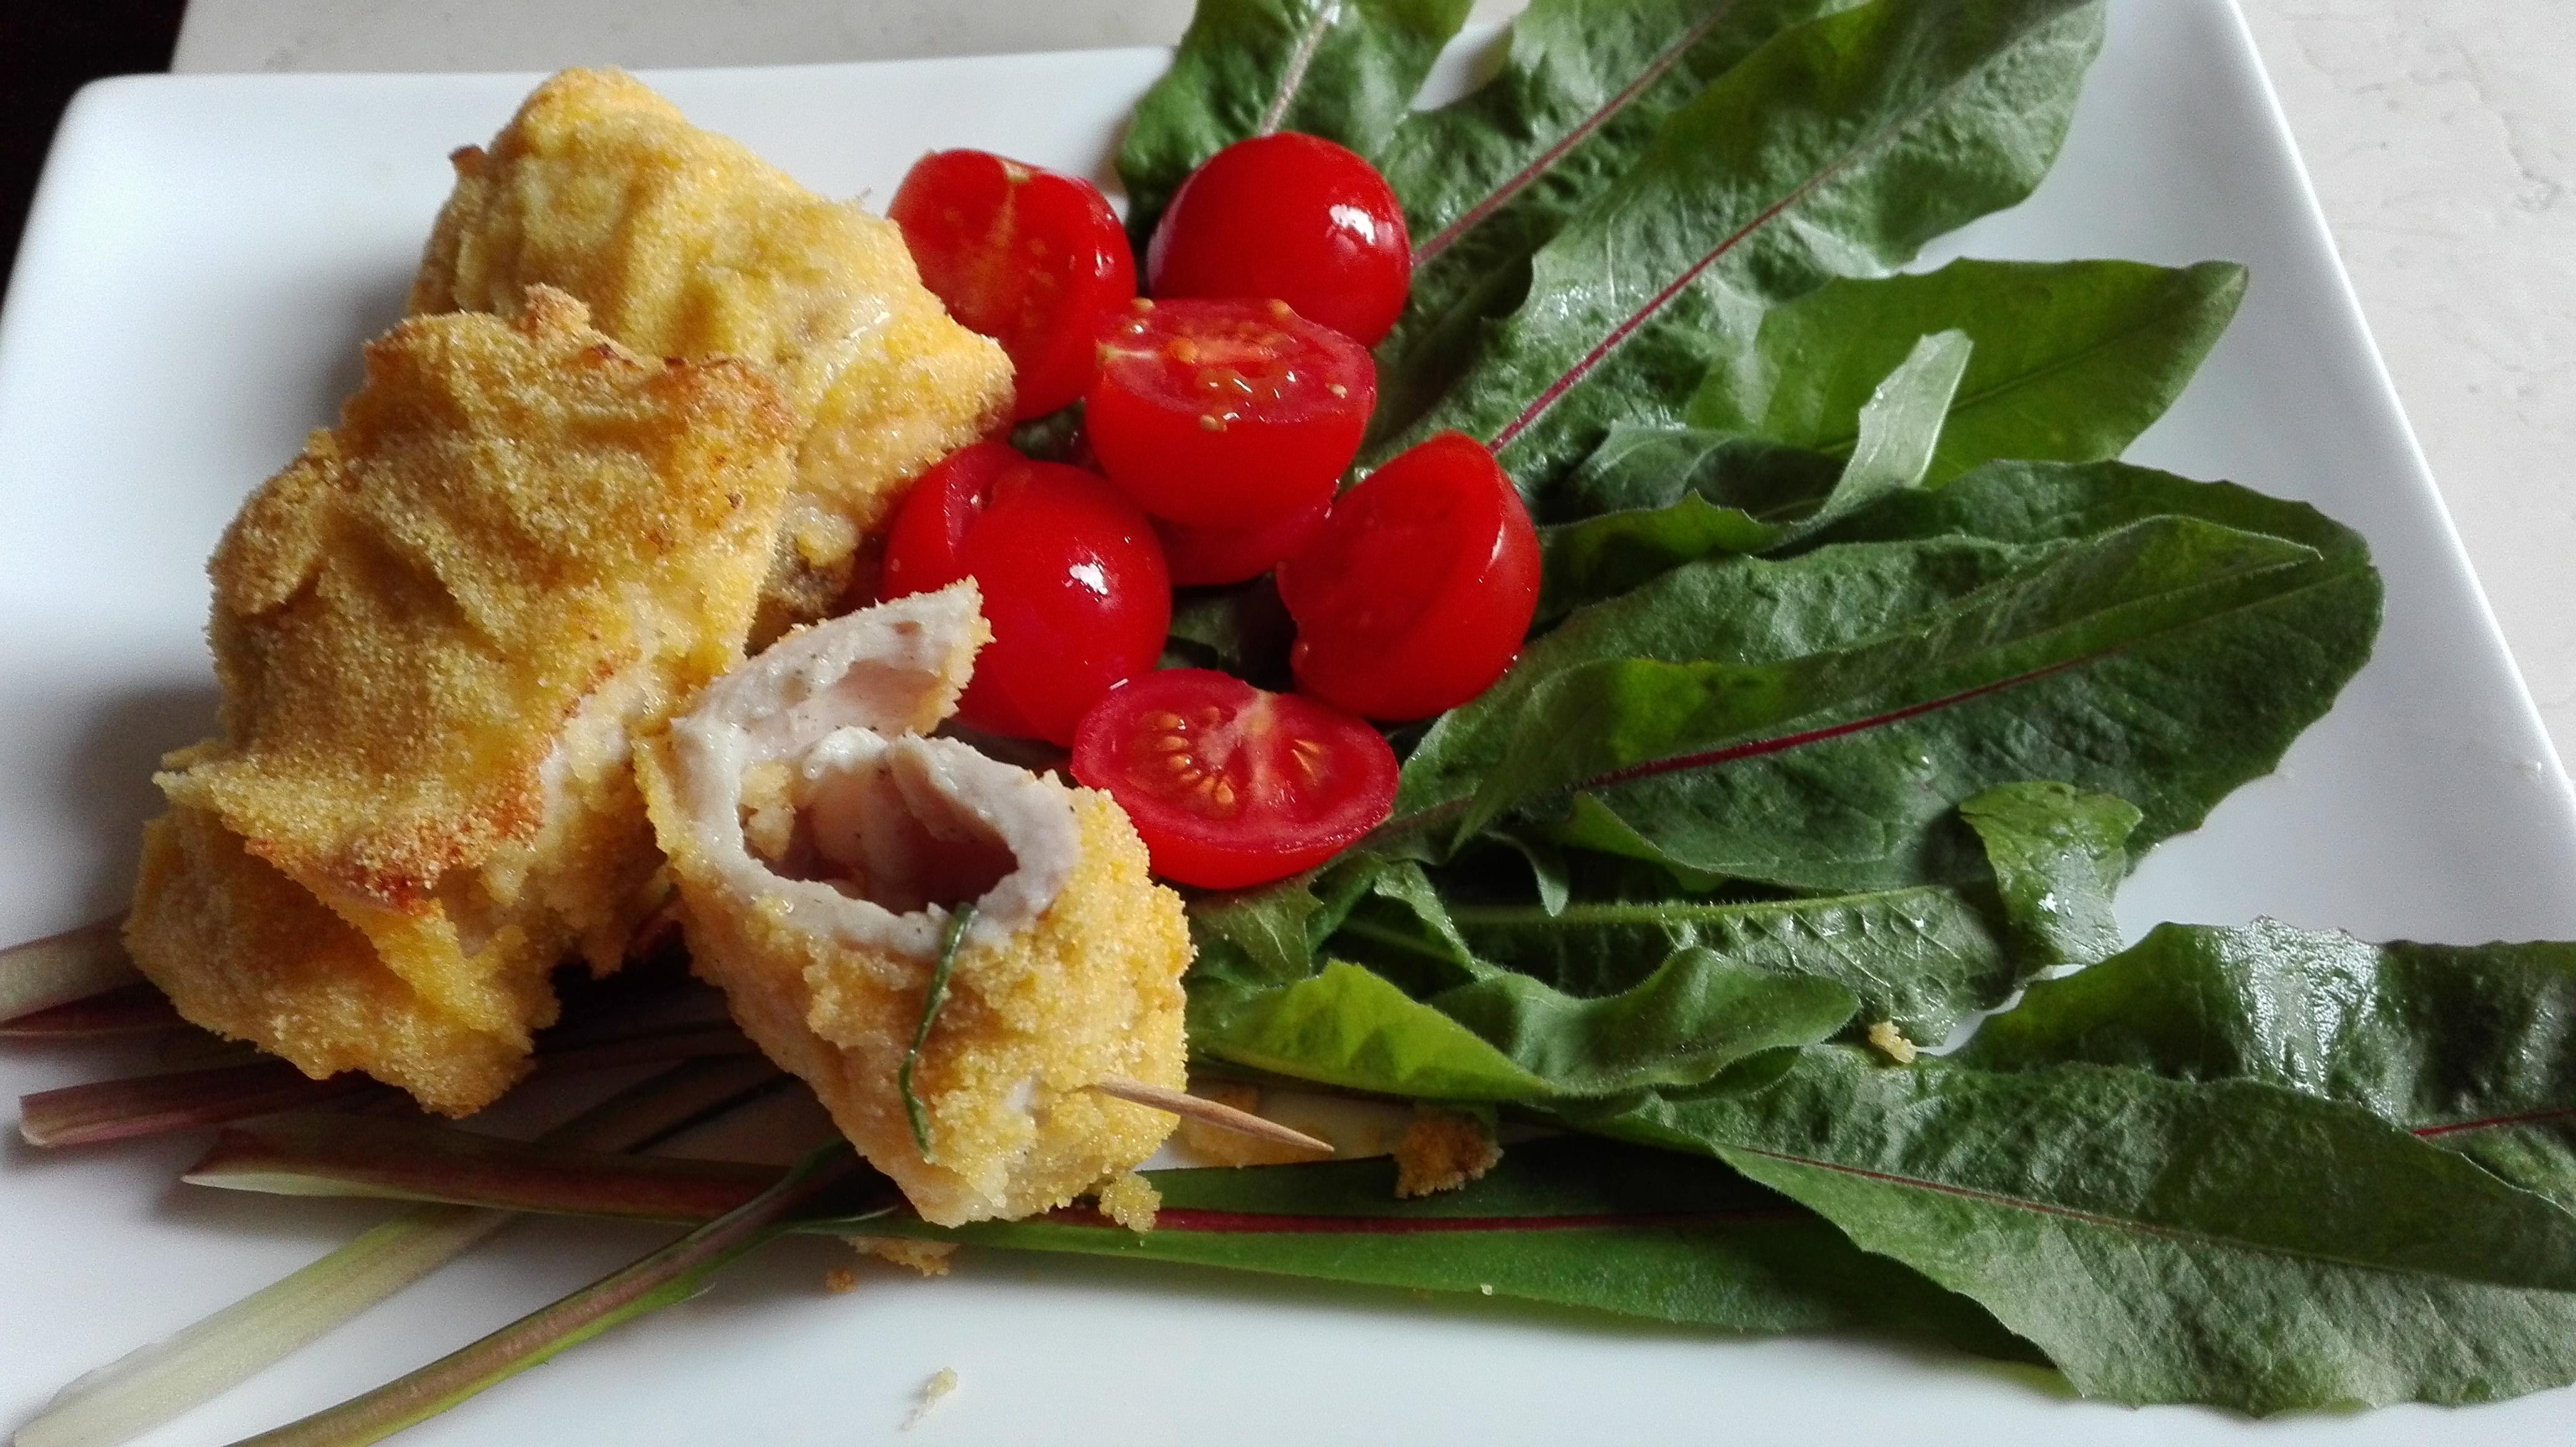 Pollo Cucina Italiana Italian Food Il Cibo Con Il Sole Dentro With The Sun Inside